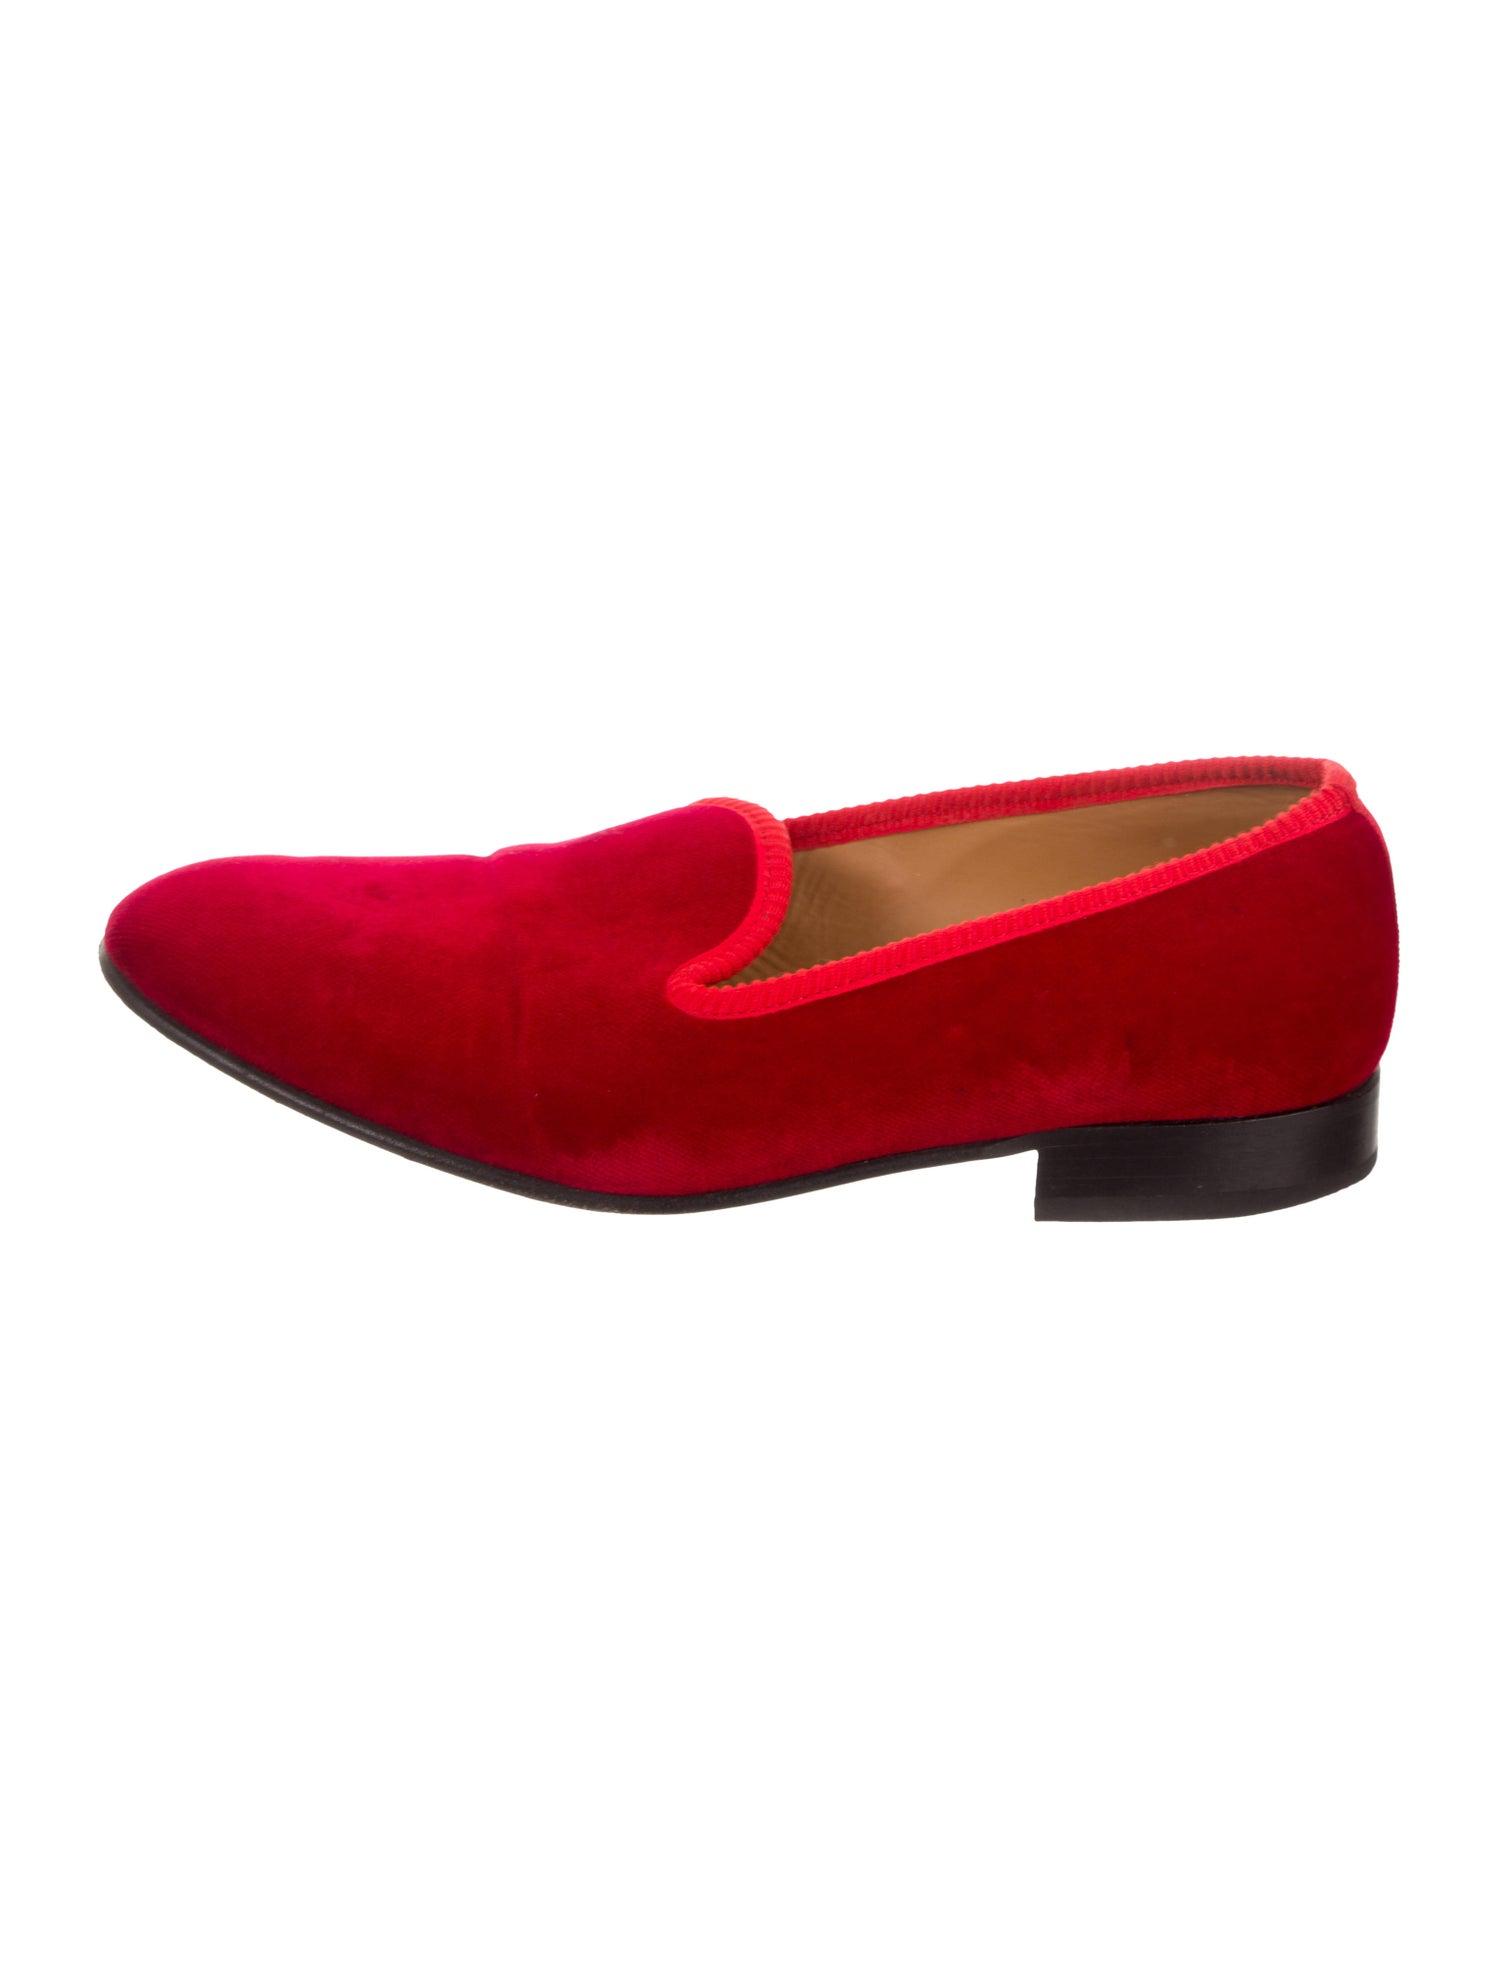 Velvet Smoking Slippers - Del Toro $68